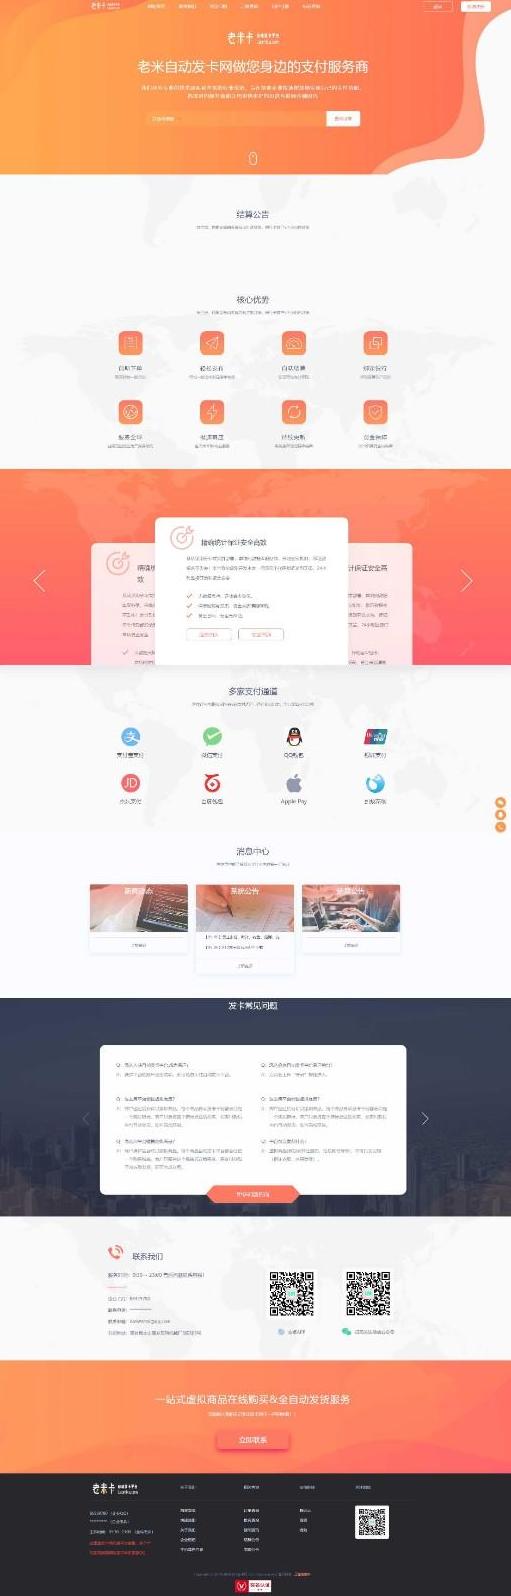 知宇企业发卡支付网站源码 多套模版自适应手机端 第1张